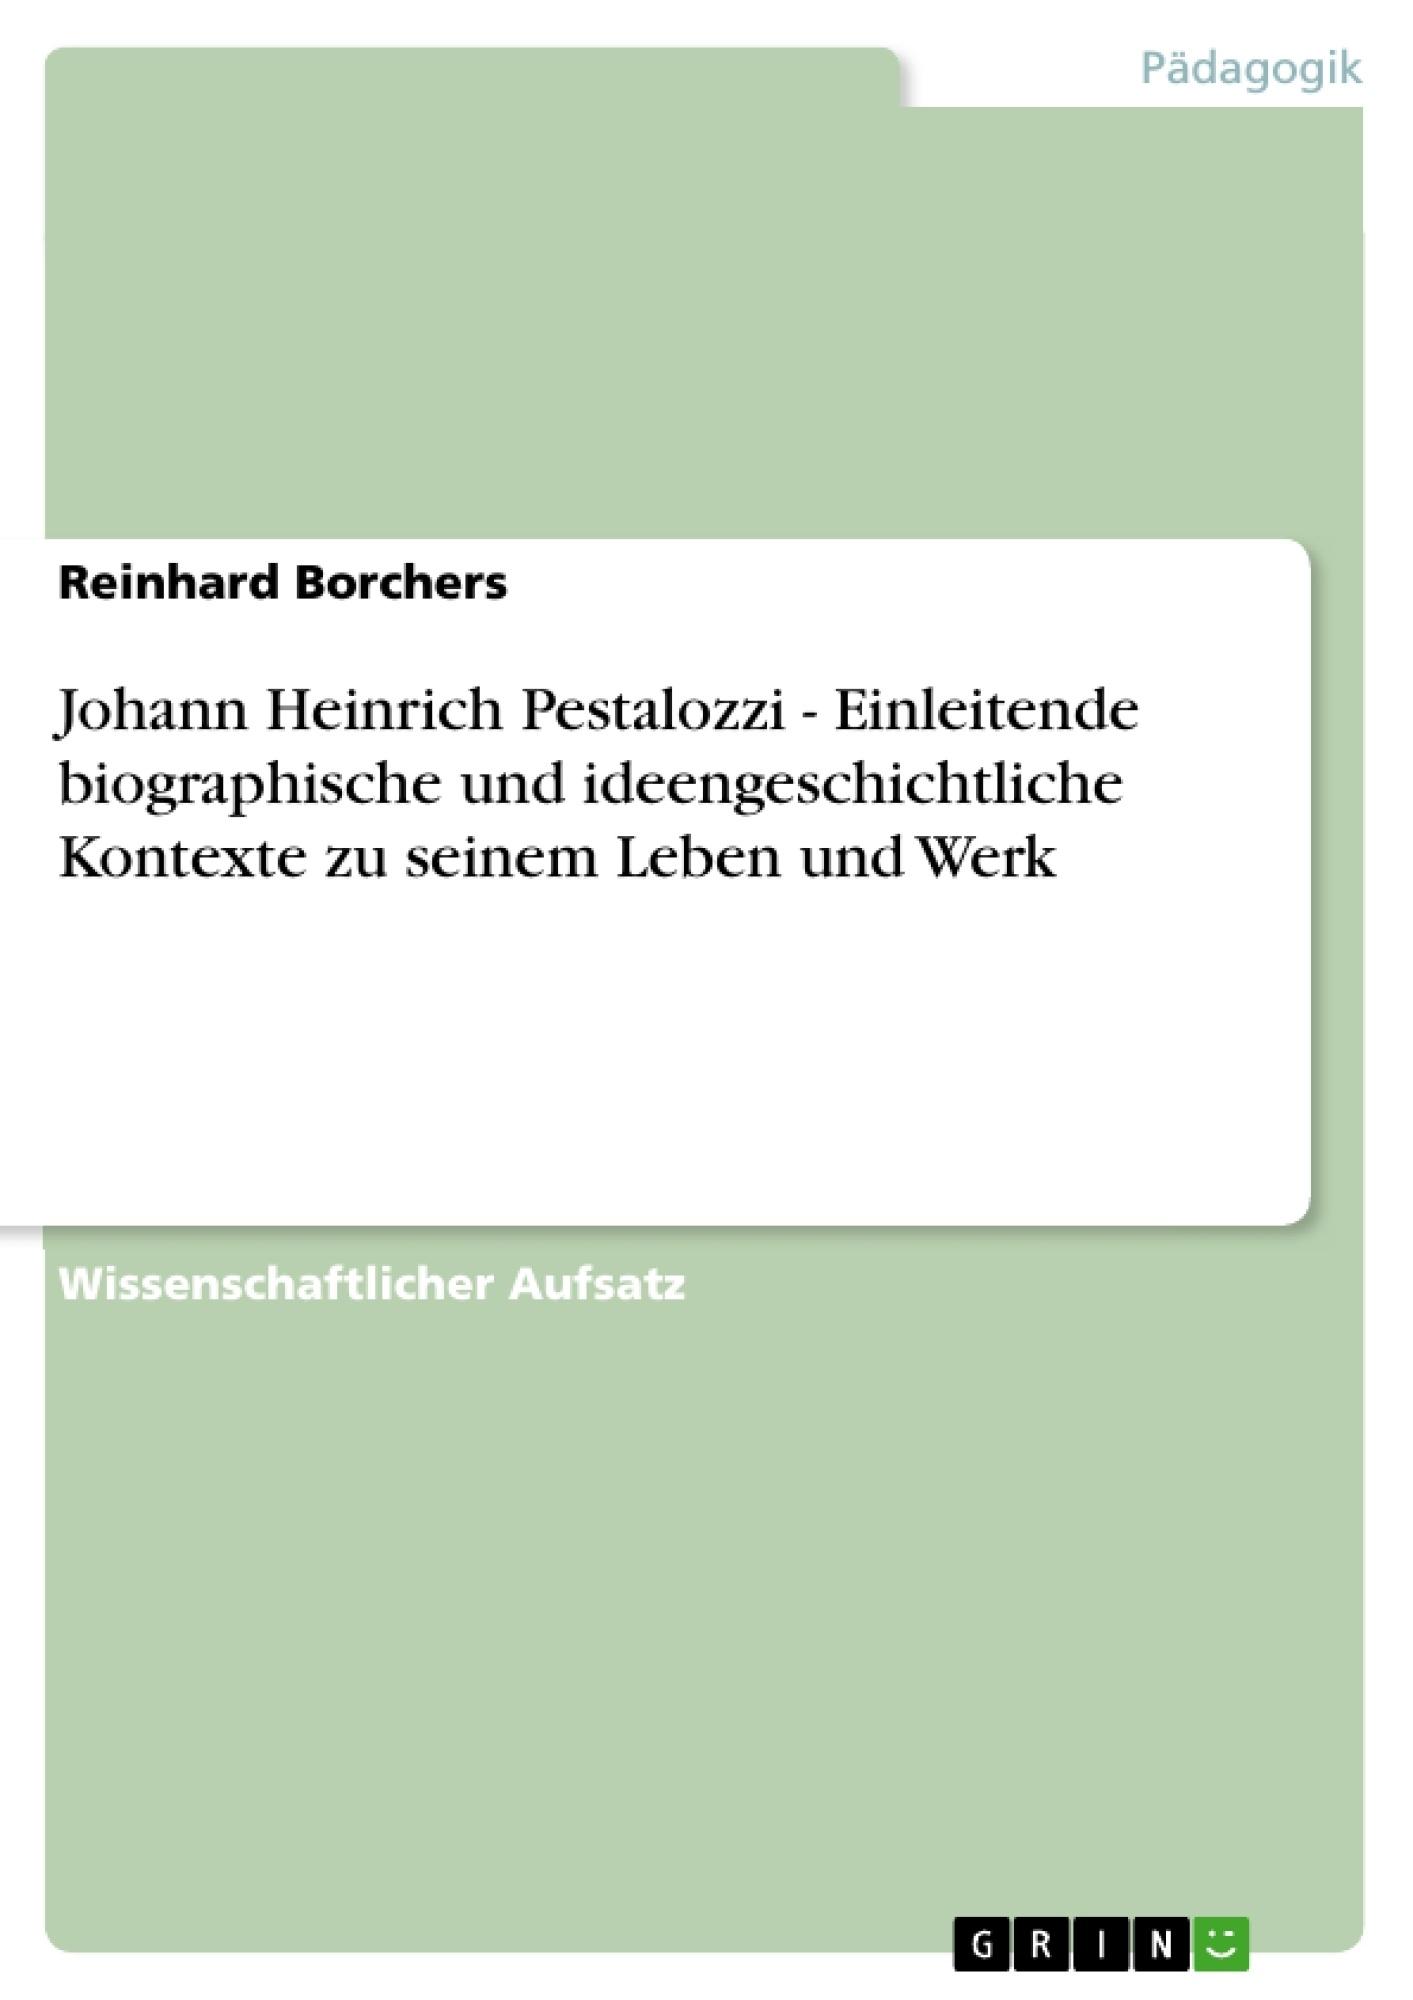 Titel: Johann Heinrich Pestalozzi - Einleitende biographische und ideengeschichtliche Kontexte zu seinem Leben und Werk